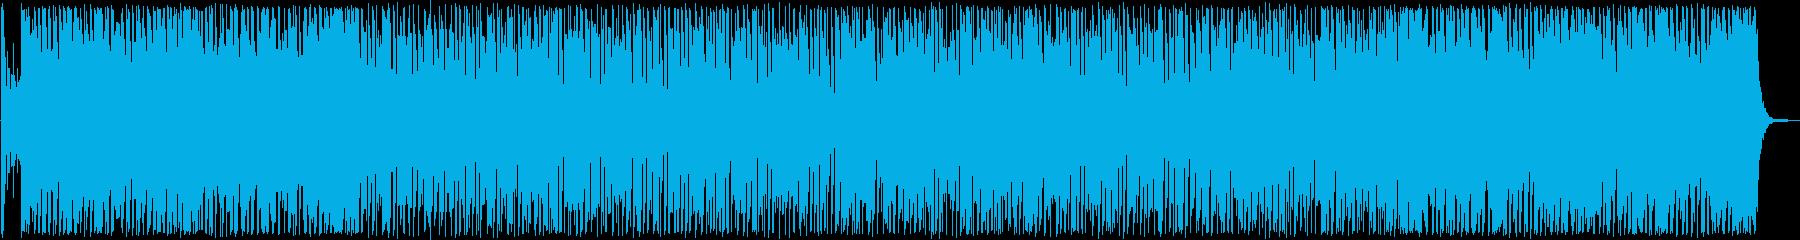 明るくてリズム感が良いポップスの再生済みの波形